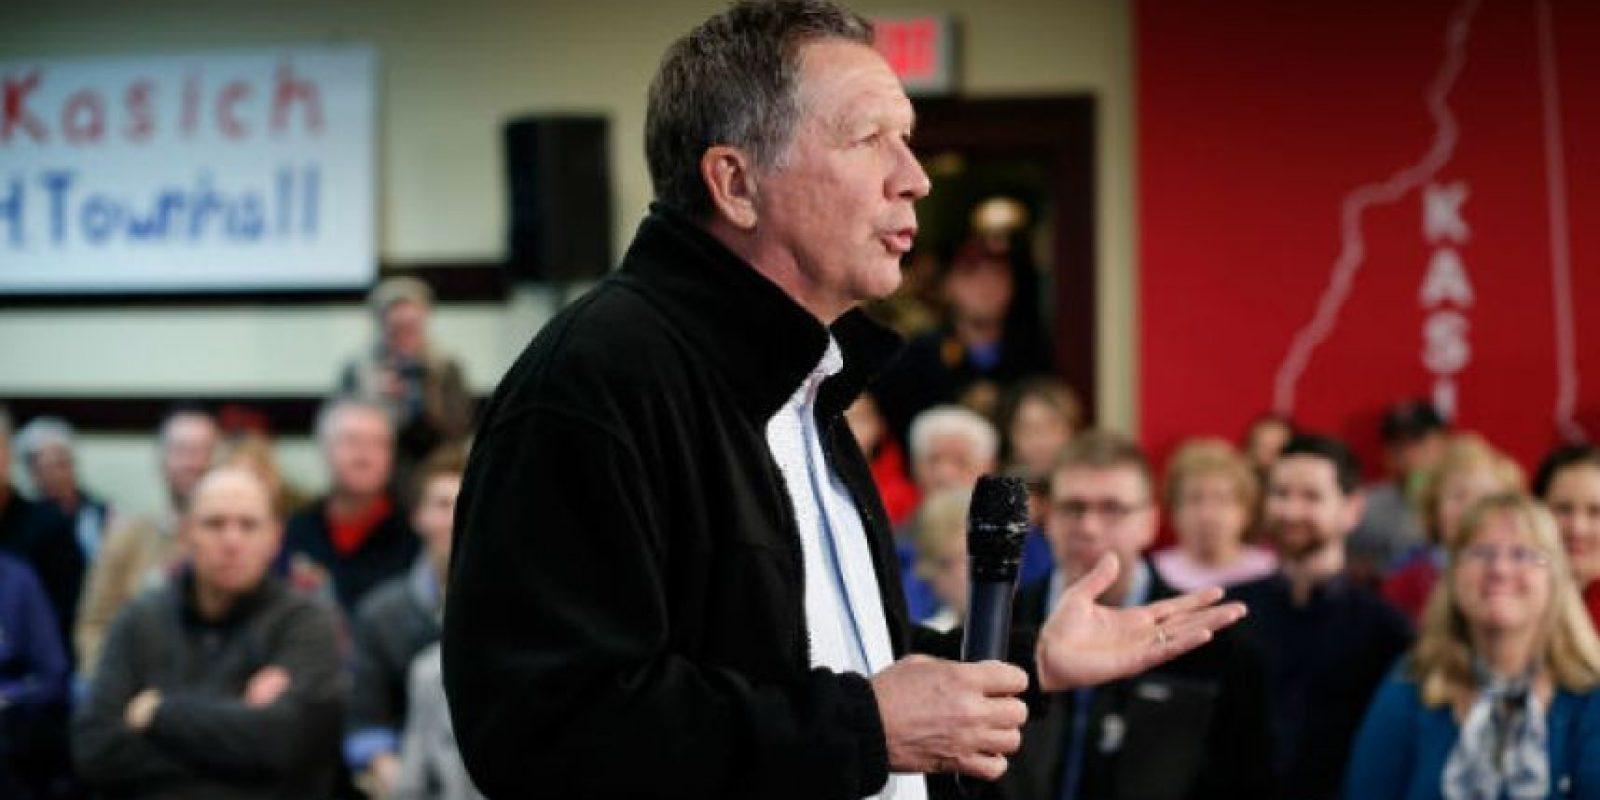 Gobernador del estado de Ohio. Miembro del Partido Republicano, de 63 años. Foto:AP